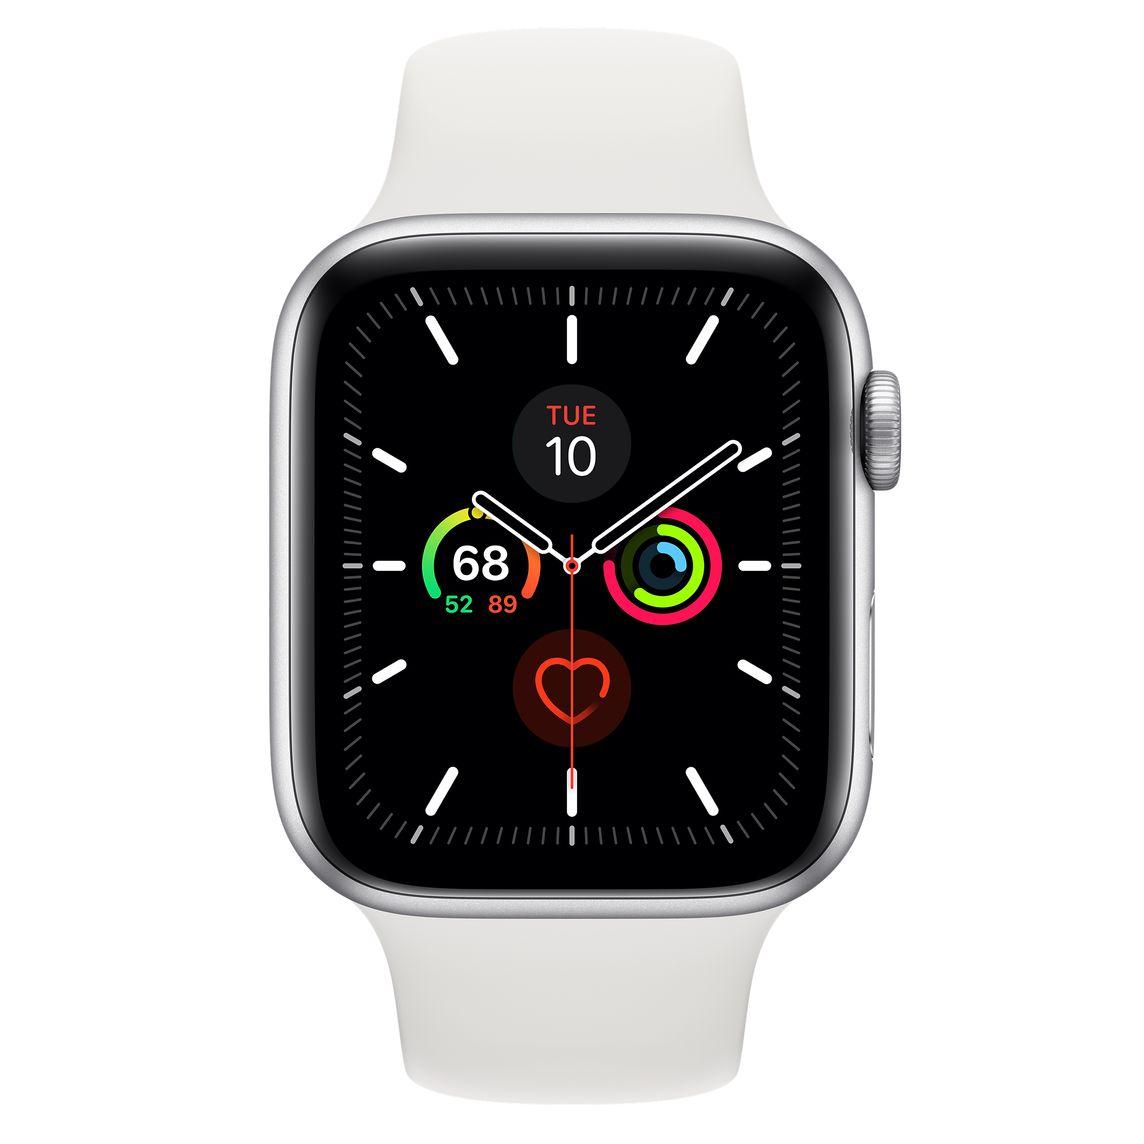 Refurbished Apple Watch Series 5